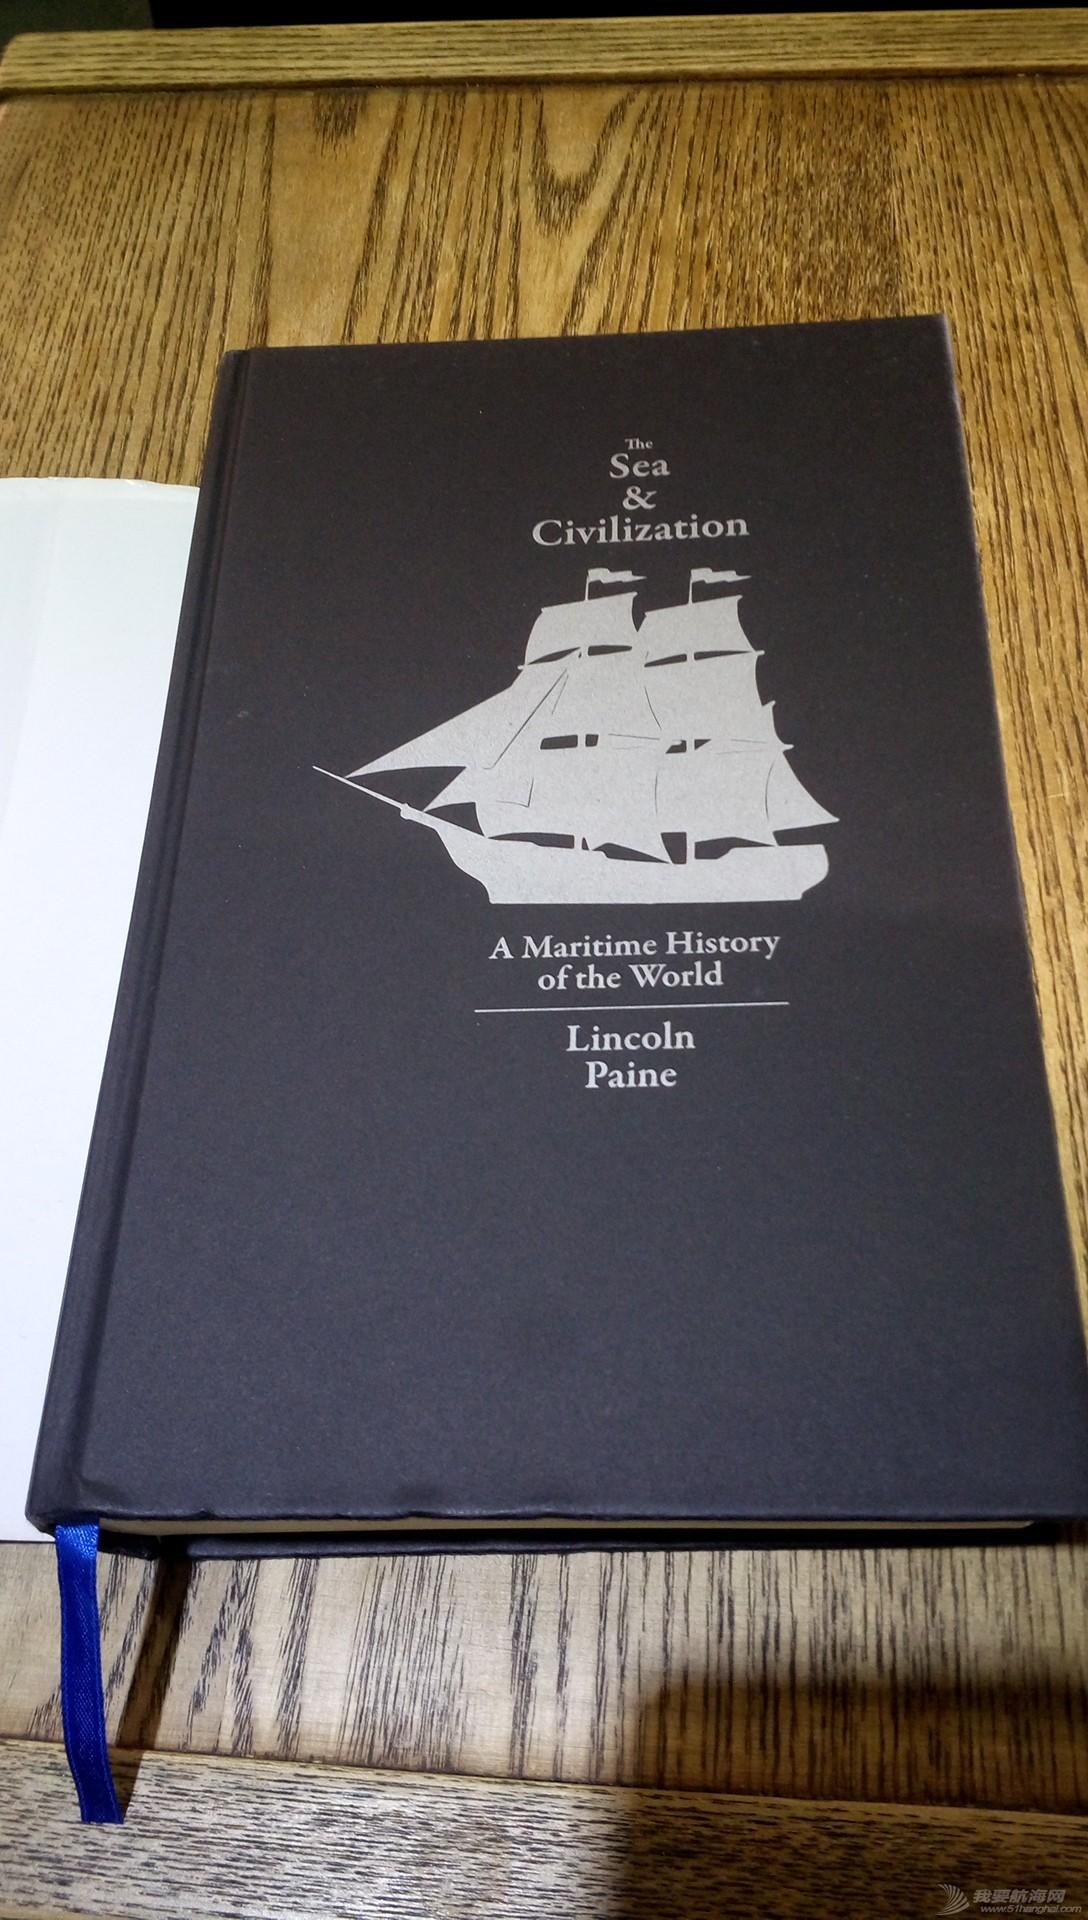 帆船,日照 我要去航海-全民帆船航海公益活动日照培训学员名单暨作业汇总 171202aj18quvu1kb2qkb2.jpg